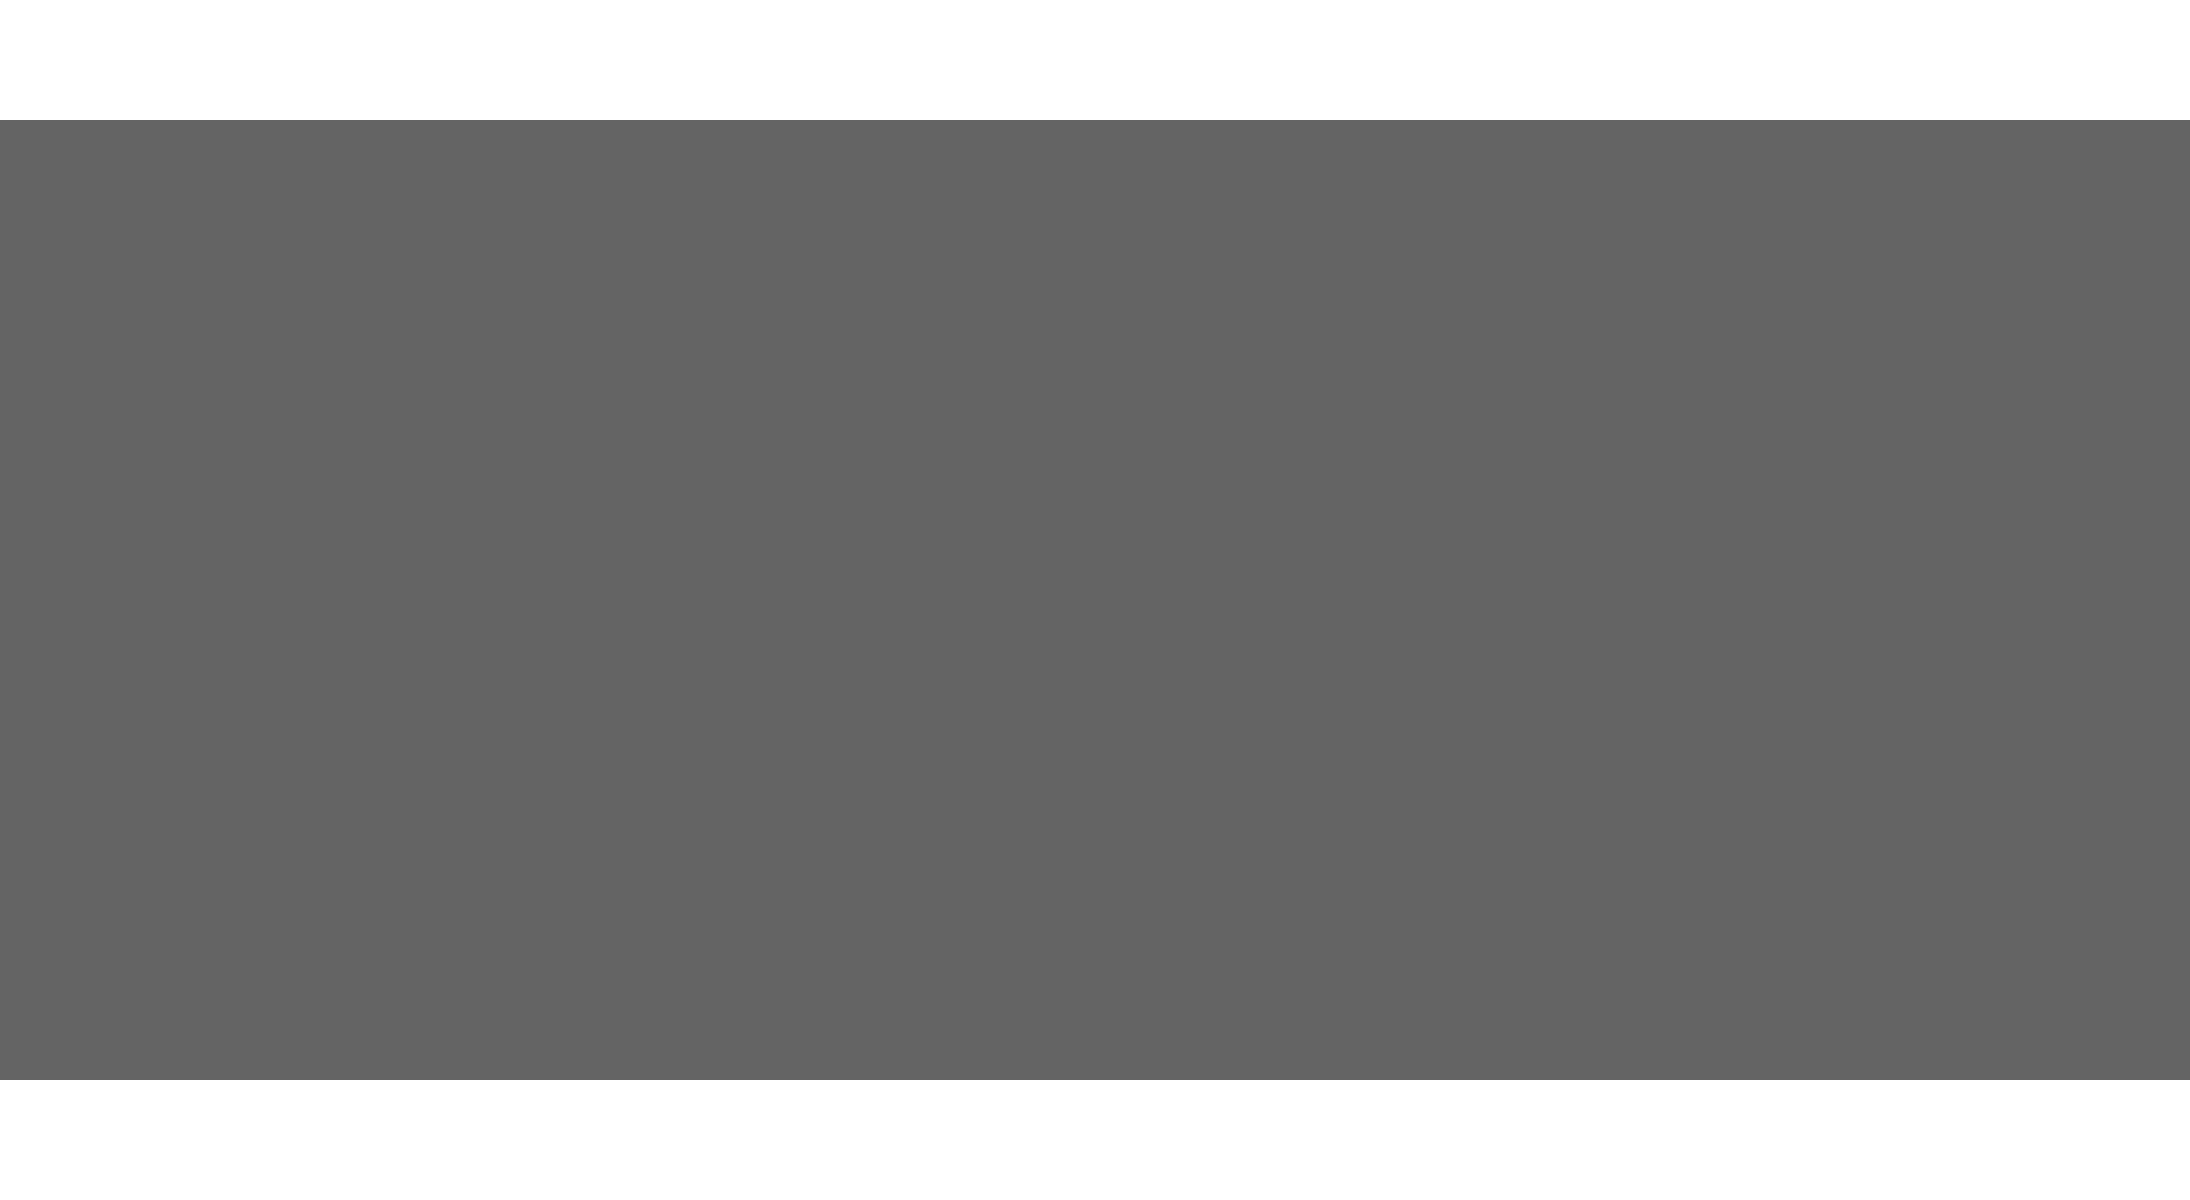 harken33